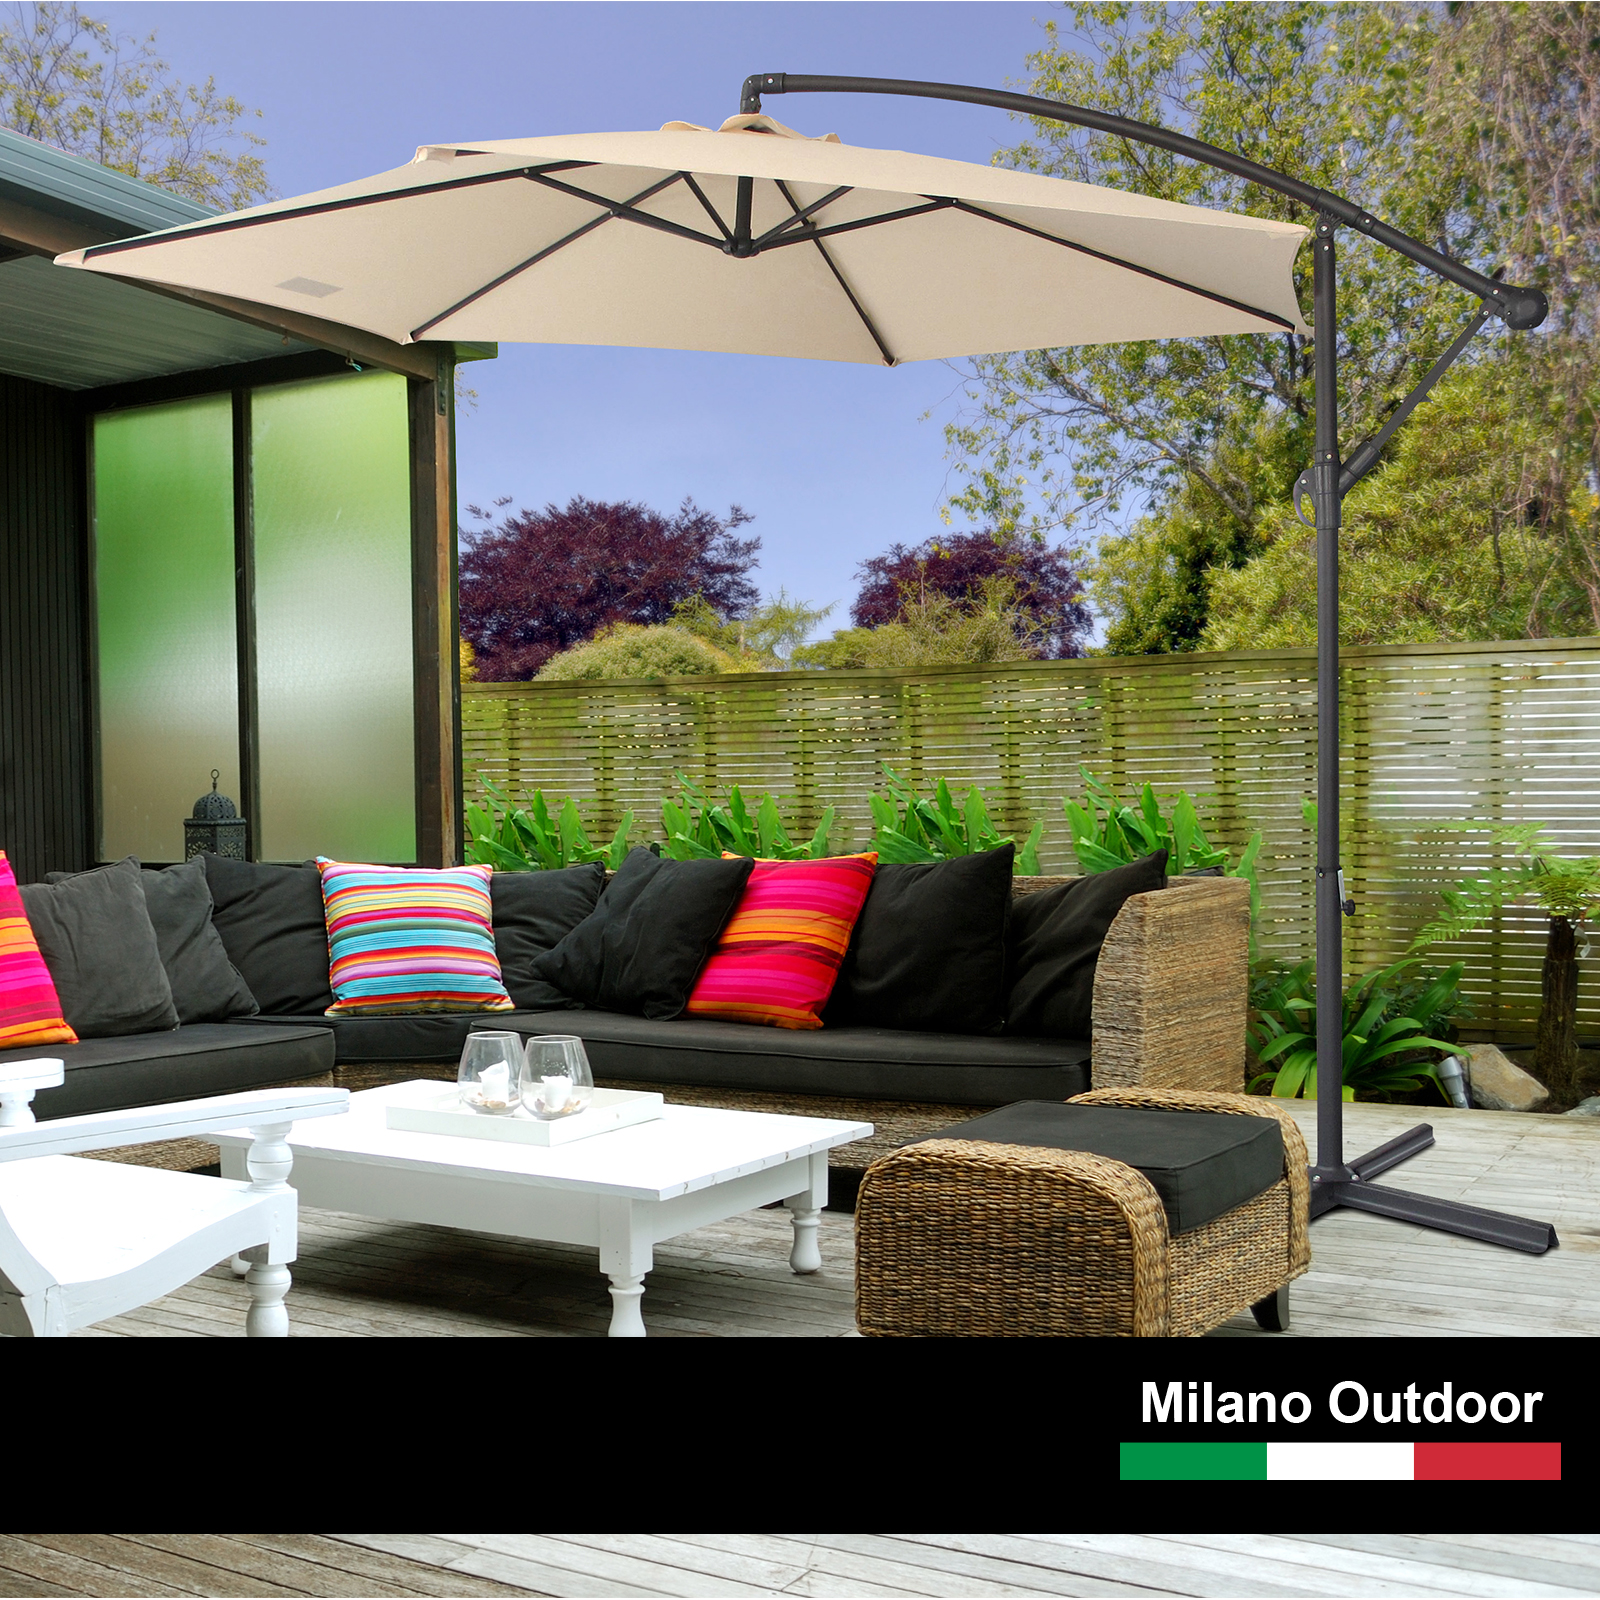 thumbnail 13 - Milano Outdoor 3 Metre Cantilever Umbrella UV Sunshade Garden Patio Deck